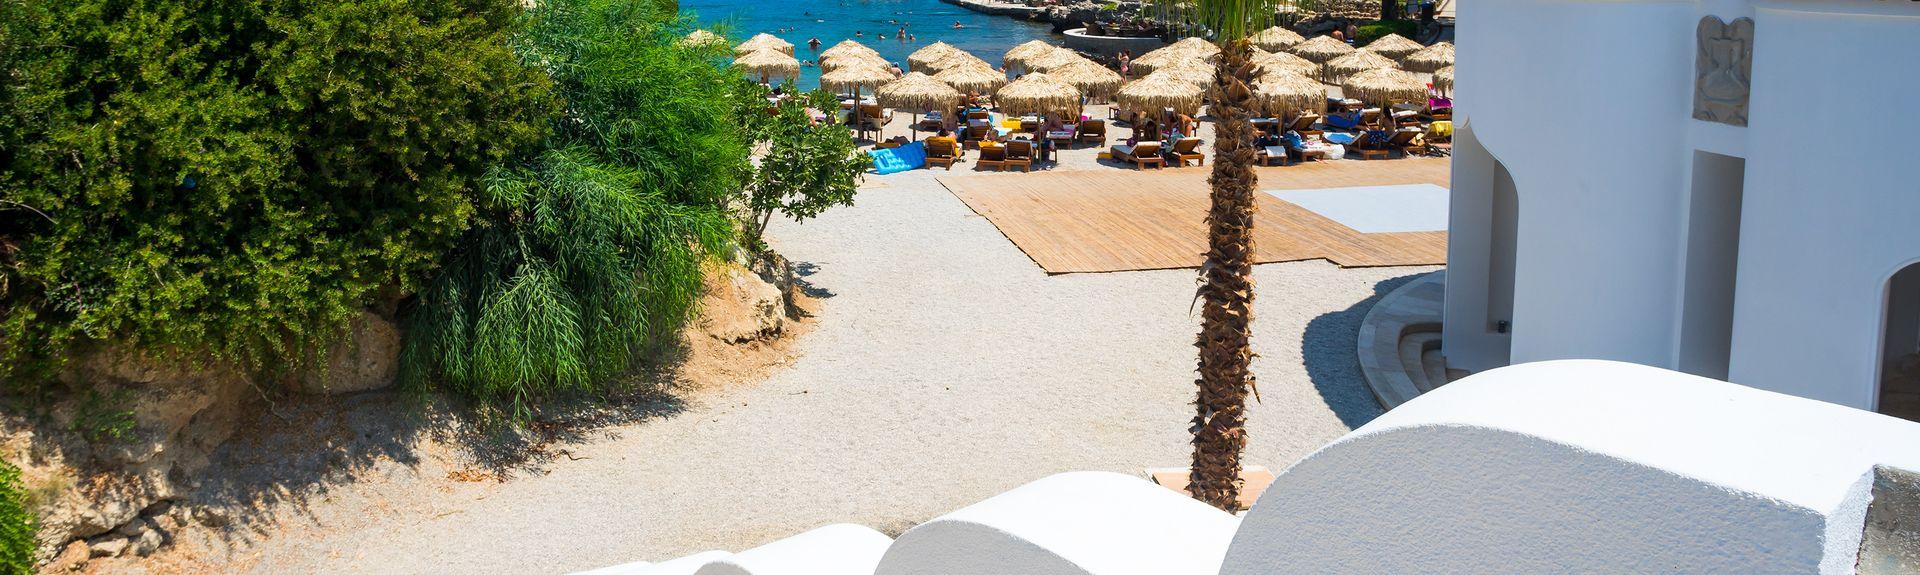 Rodas, Periferia de Egeo Meridional, Grecia